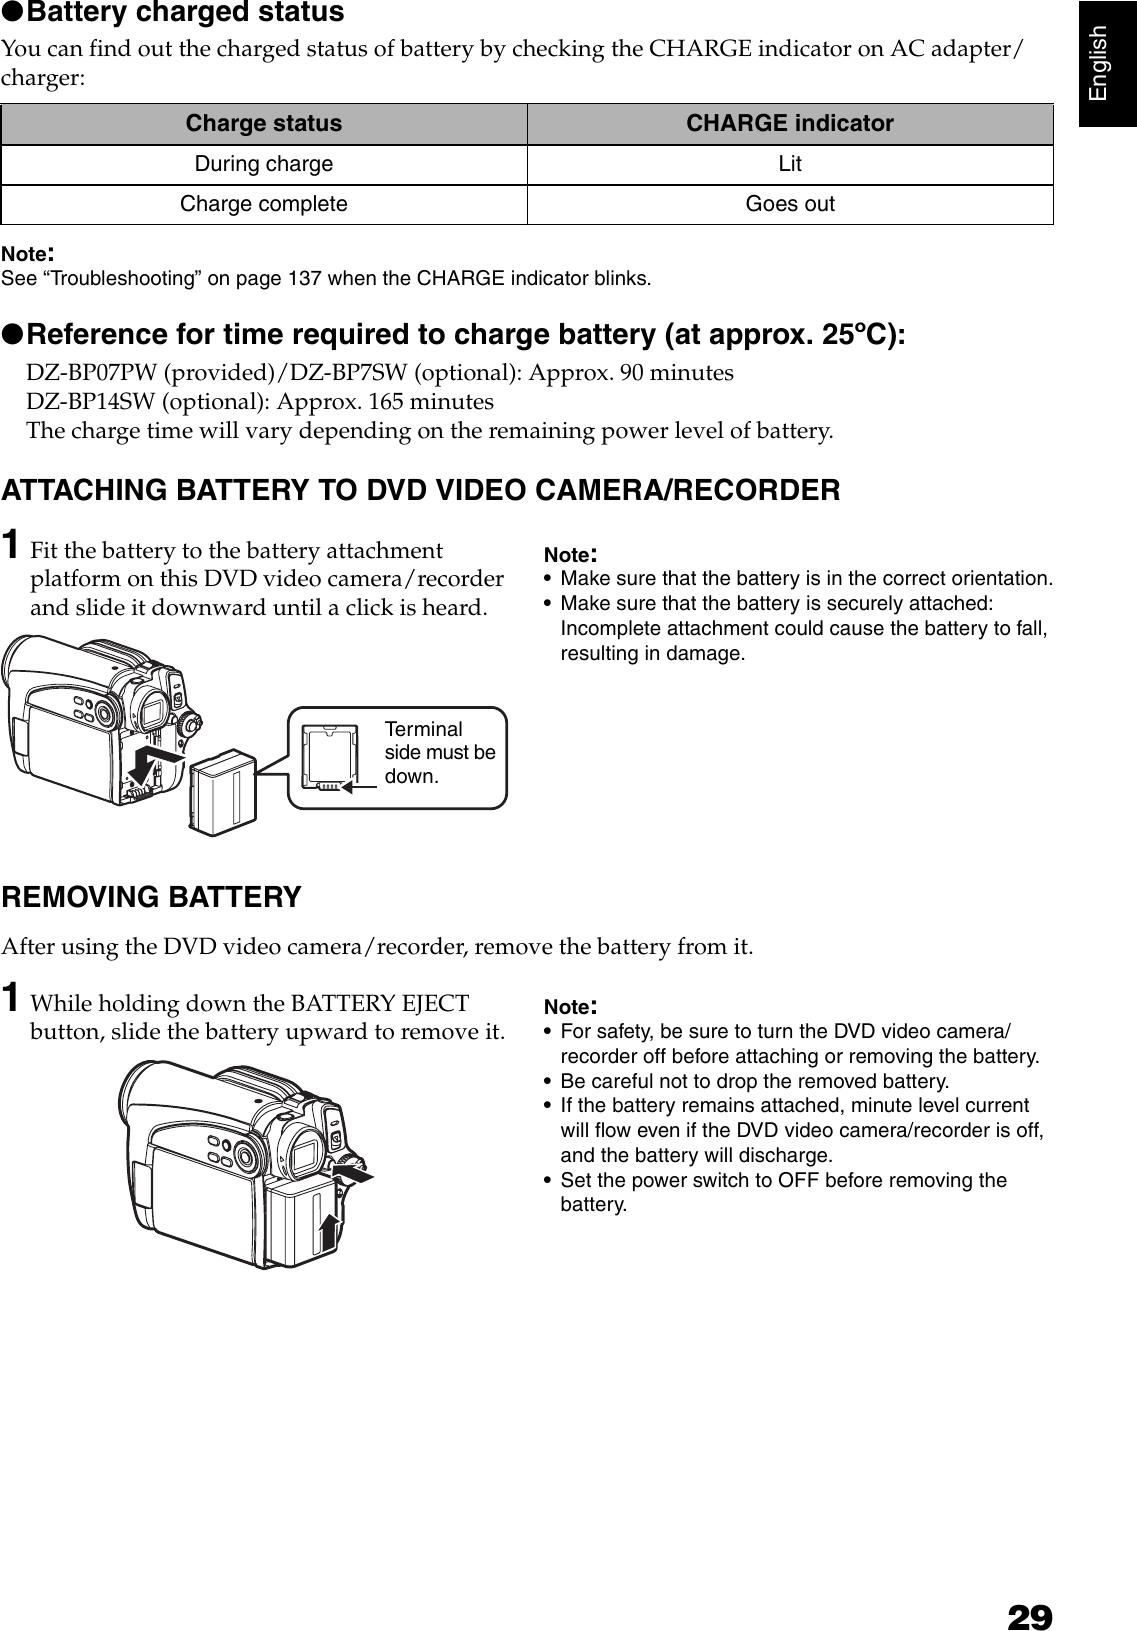 Hitachi Dz Gx5020E Users Manual GX5100E_EU_ENG